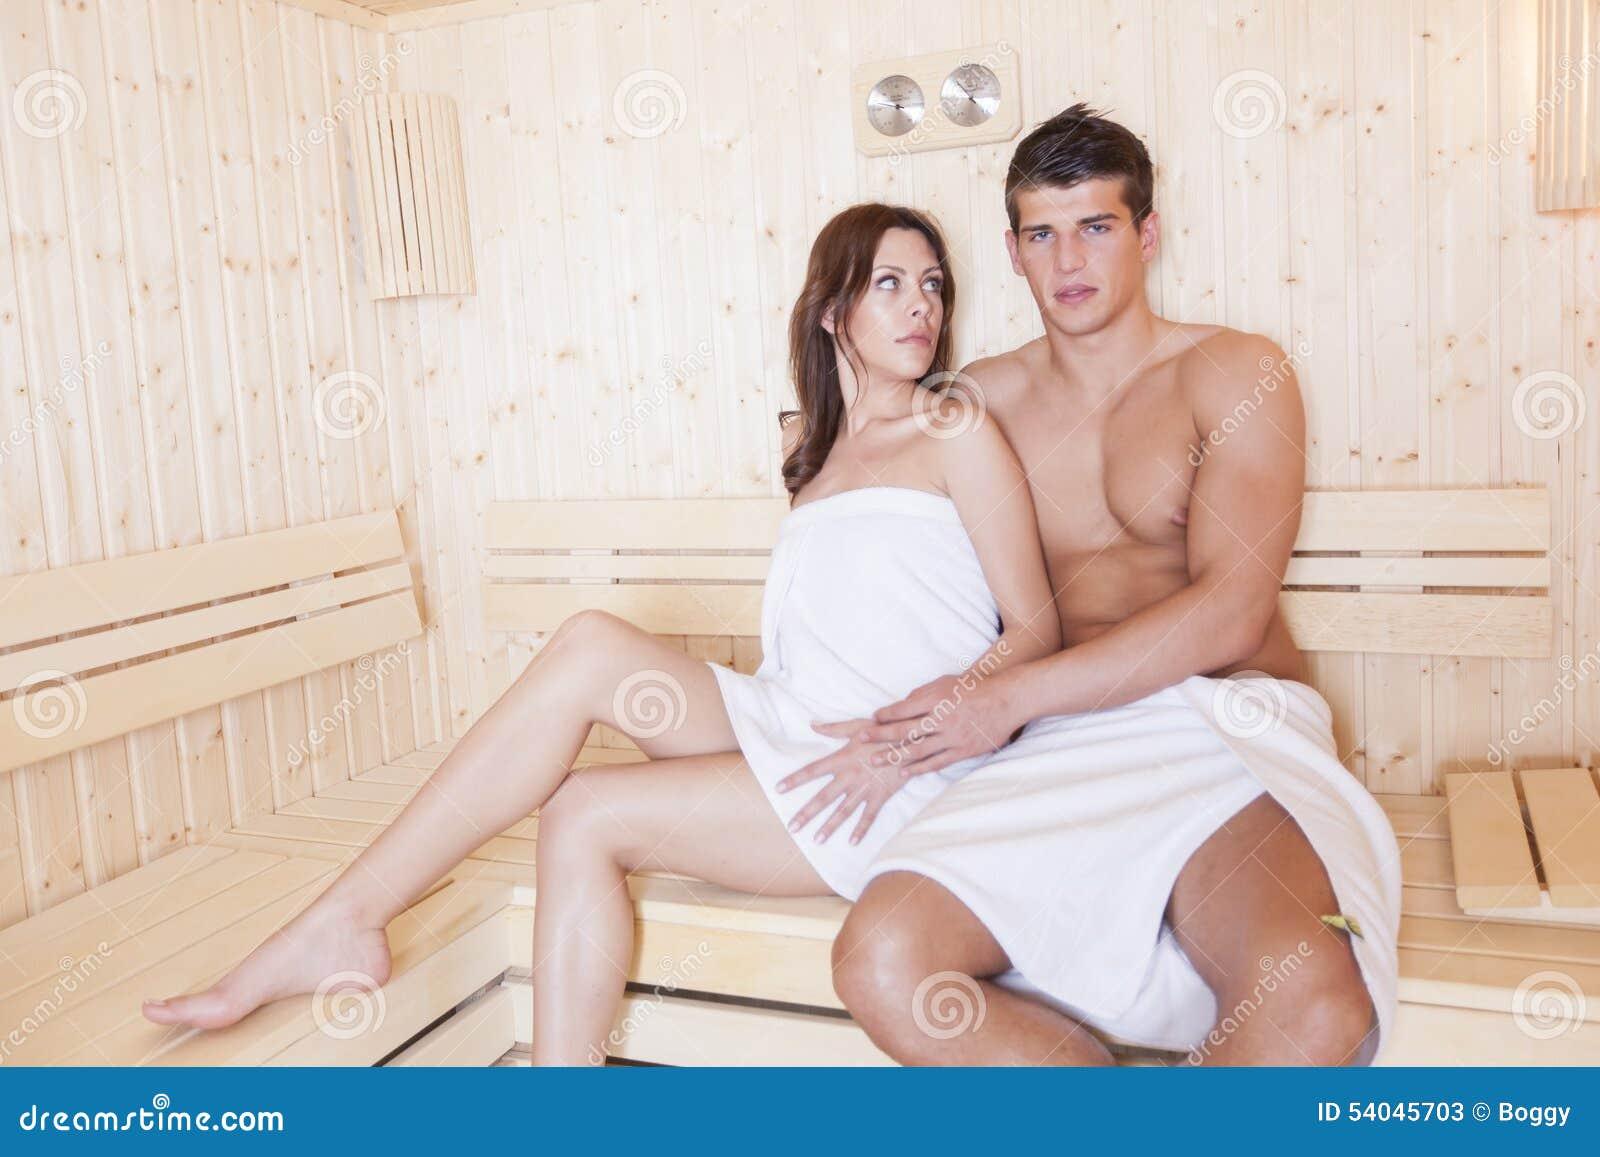 molodaya-parochka-v-saune